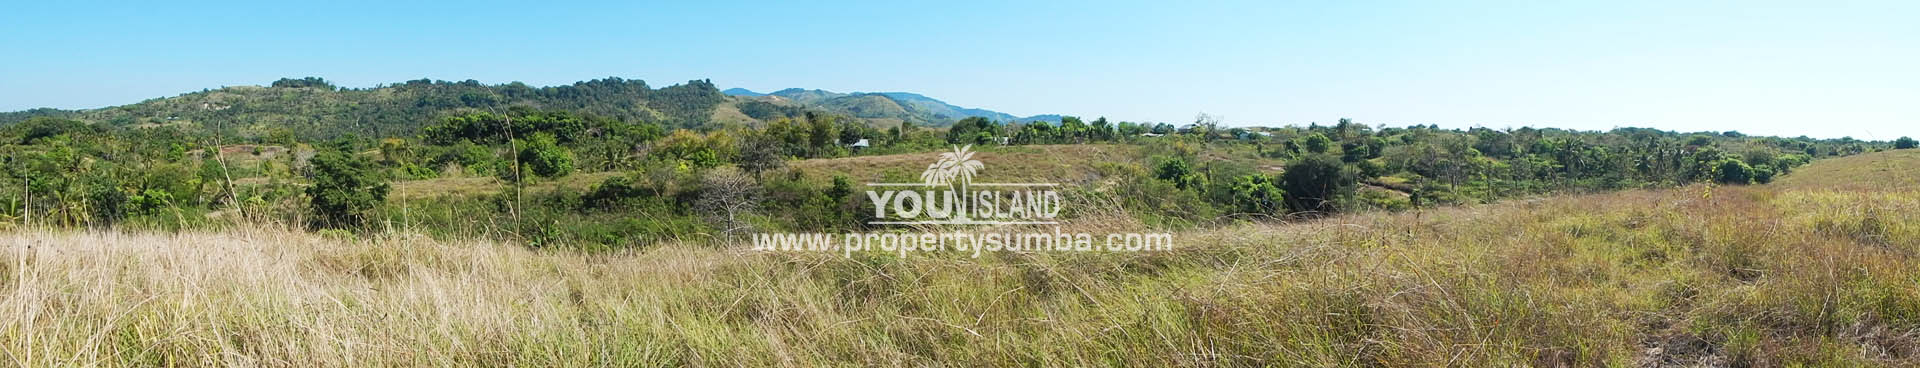 Land 37 Loku Kumha 8490 M2 11